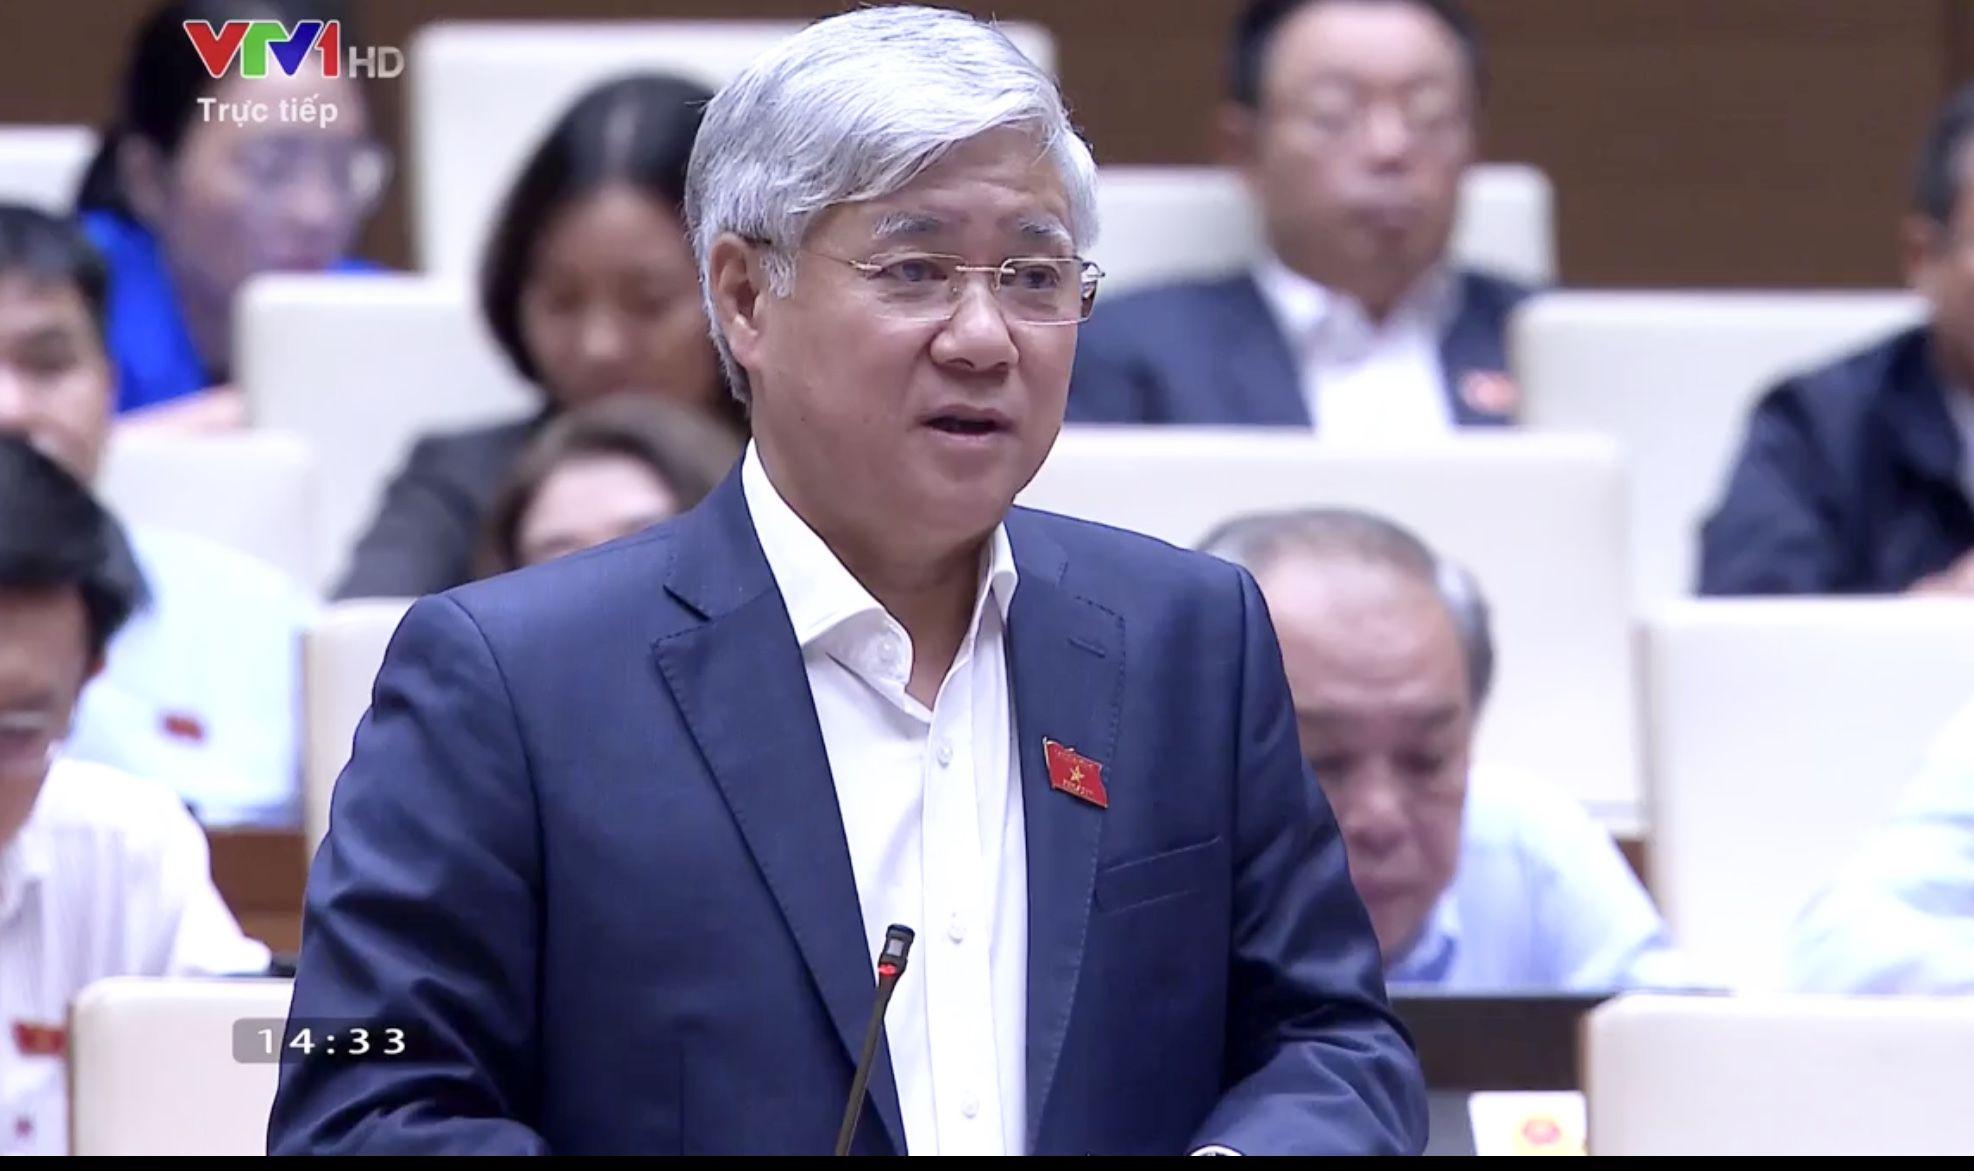 Ủy viên Ban Chấp hành Trung ương Đảng, Bộ trưởng, Chủ nhiệm Ủy ban Dân tộc Đỗ Văn Chiến phát biểu tại kỳ họp thứ 10, Quốc hội khóa XIV. (Chiều ngày 4/11/2020).